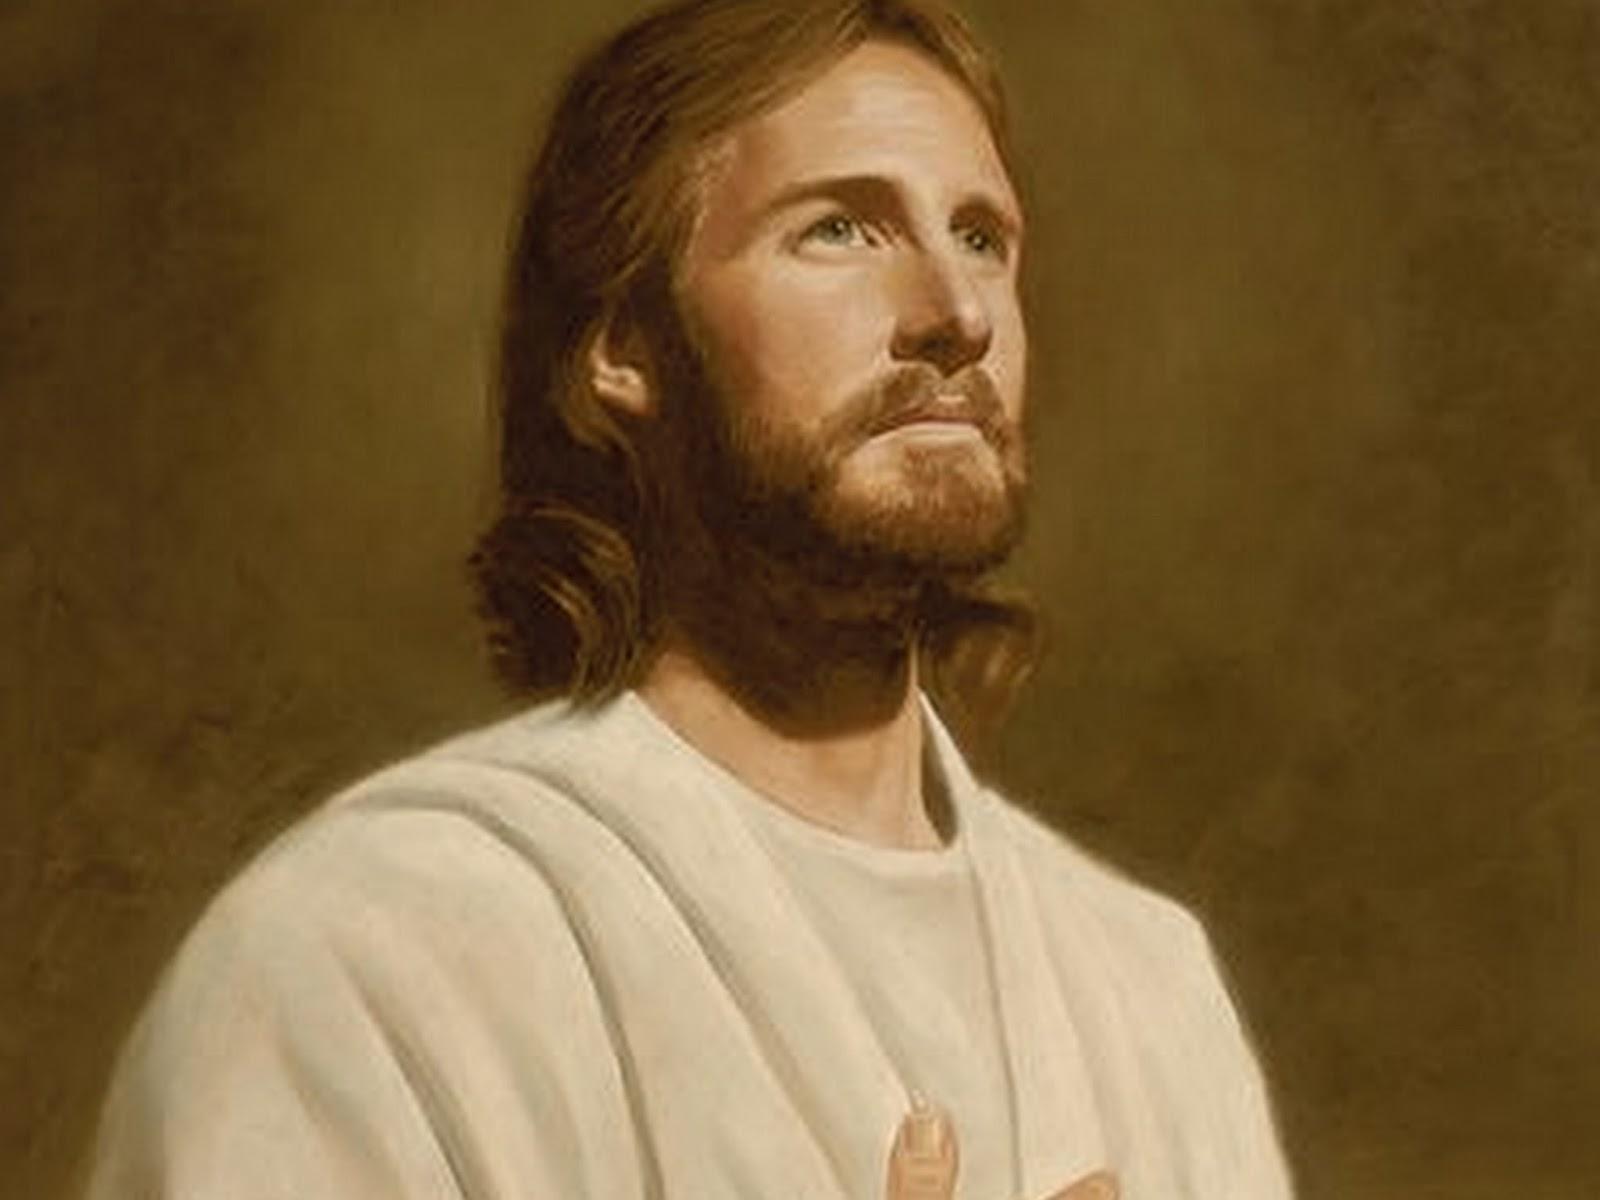 'Én vagyok a feltámadás és az élet.'